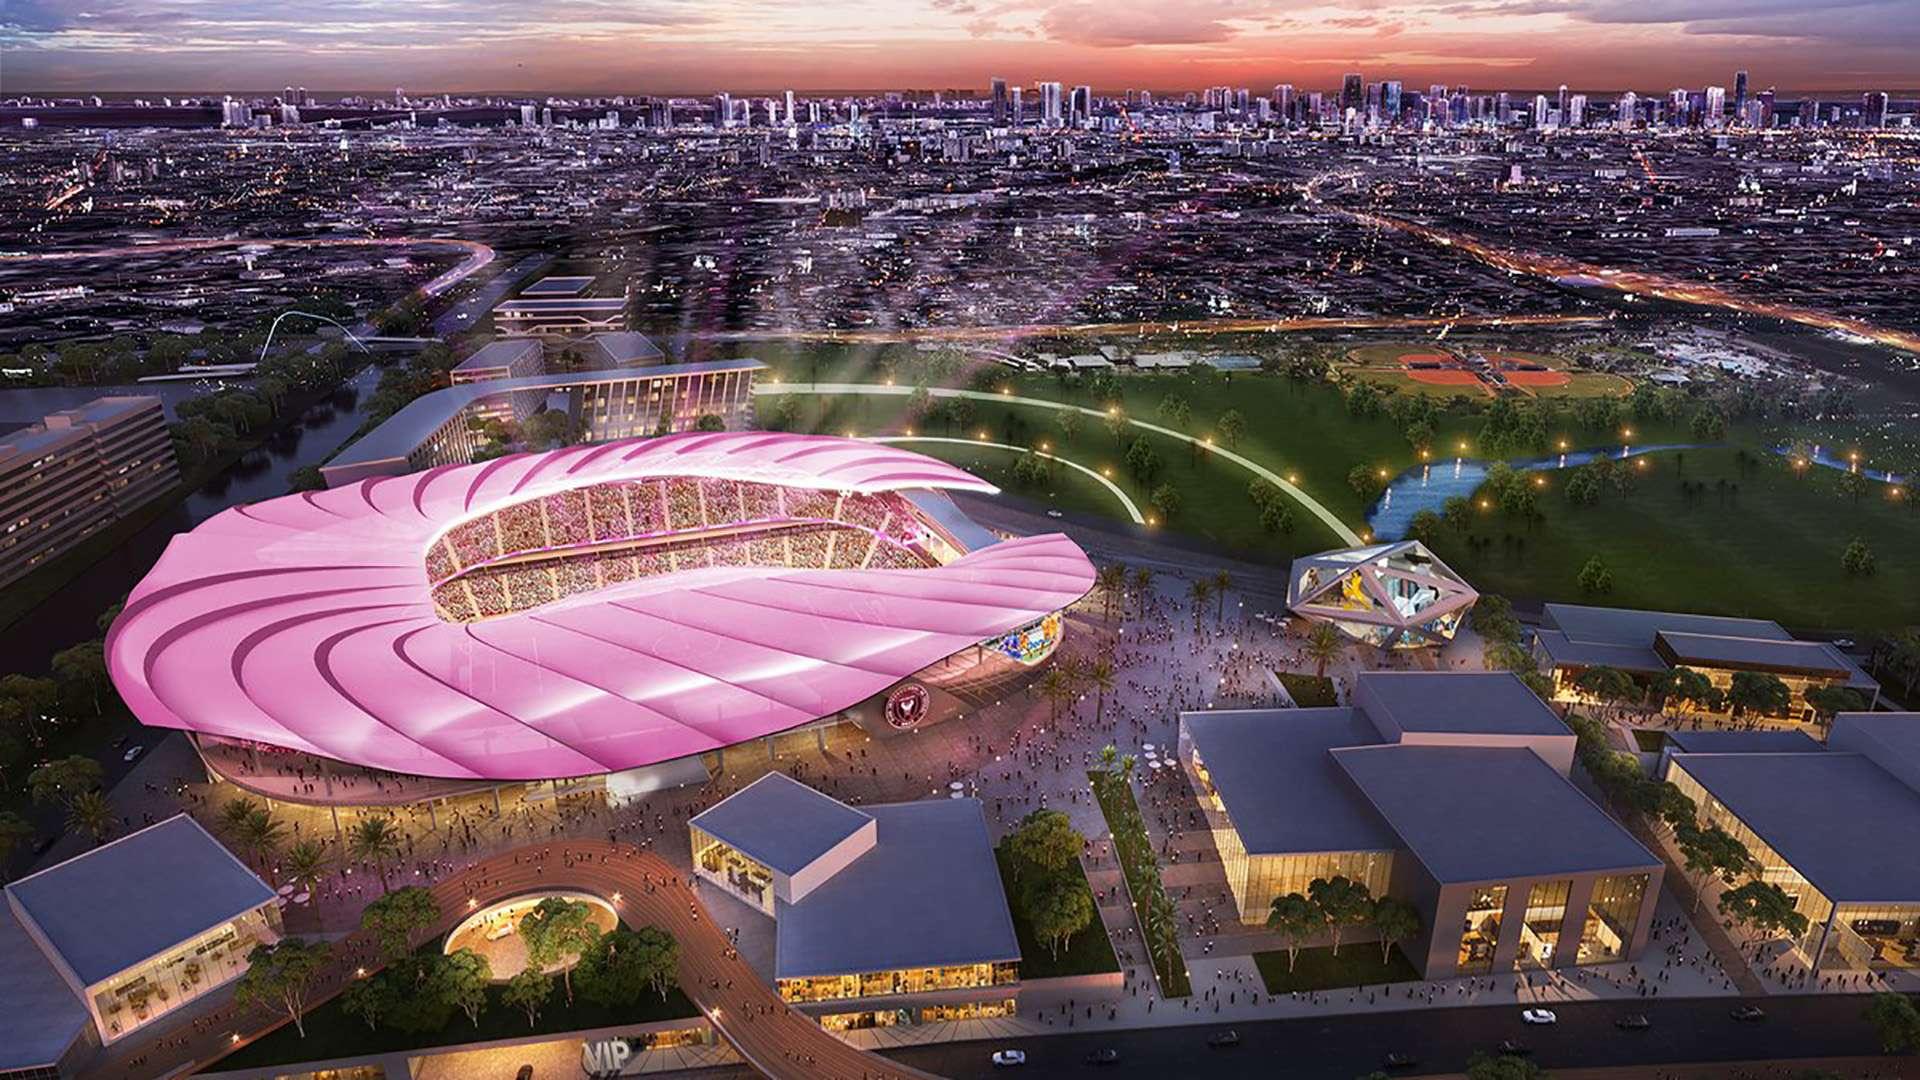 David Beckham's Inter Miami CF: Stadium, MLS debut, players